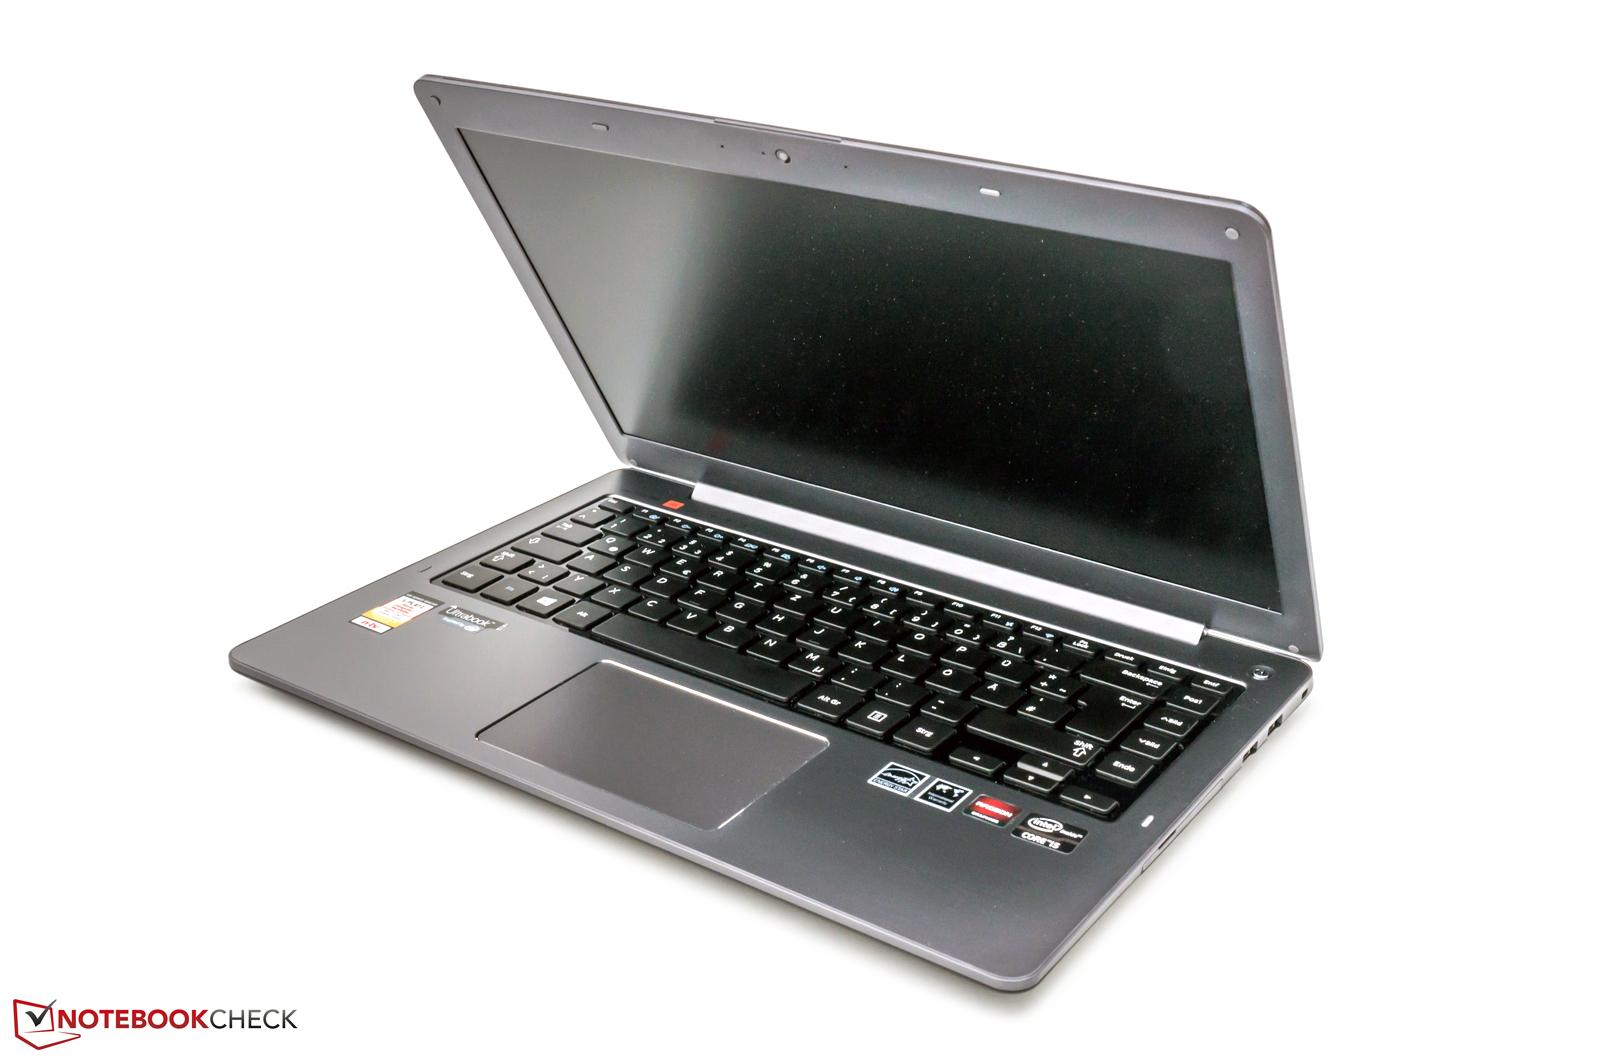 Notebook samsung jbl - In Review Samsung Series 5 530u4e S02de Ultrabook